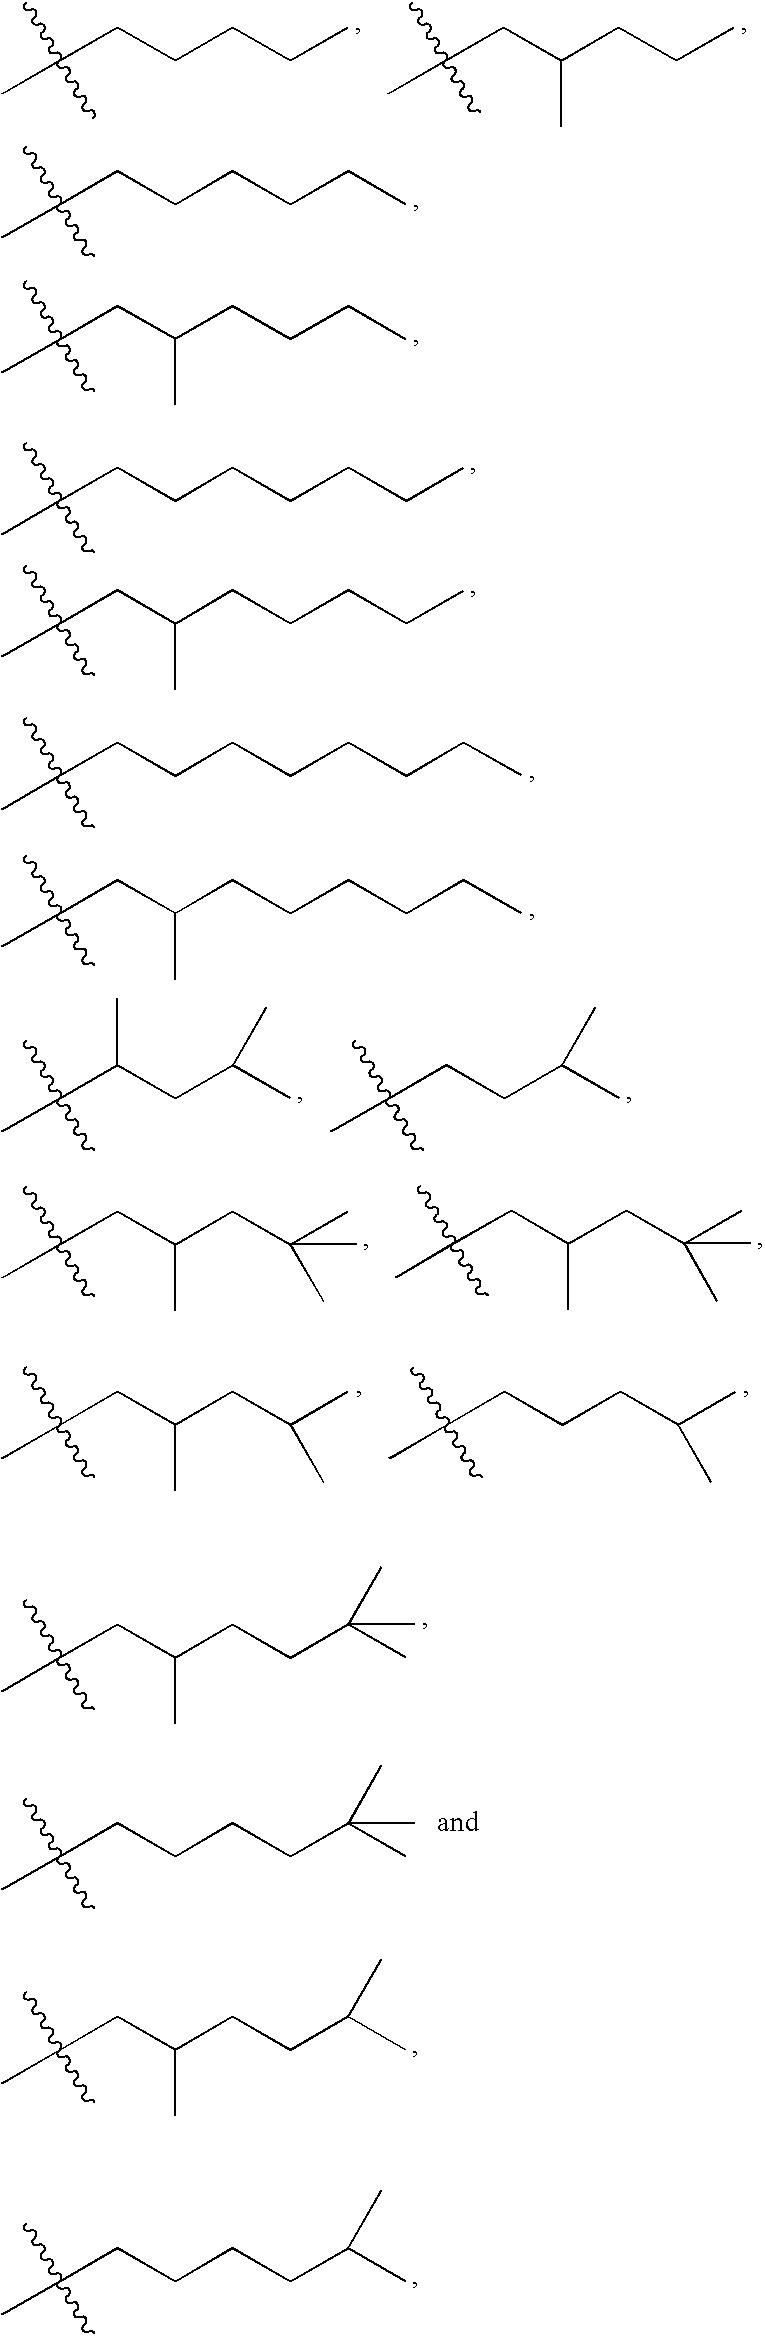 Figure US20080293856A1-20081127-C00048